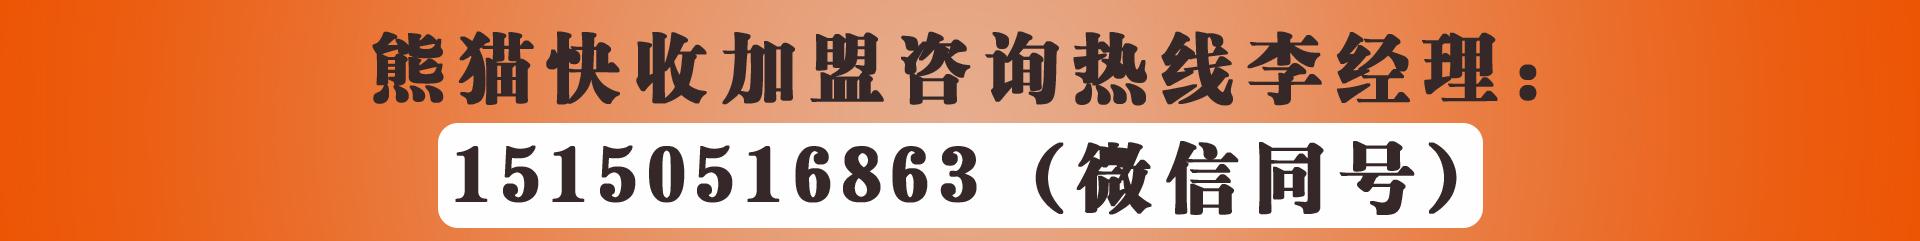 熊猫快收201909308186458